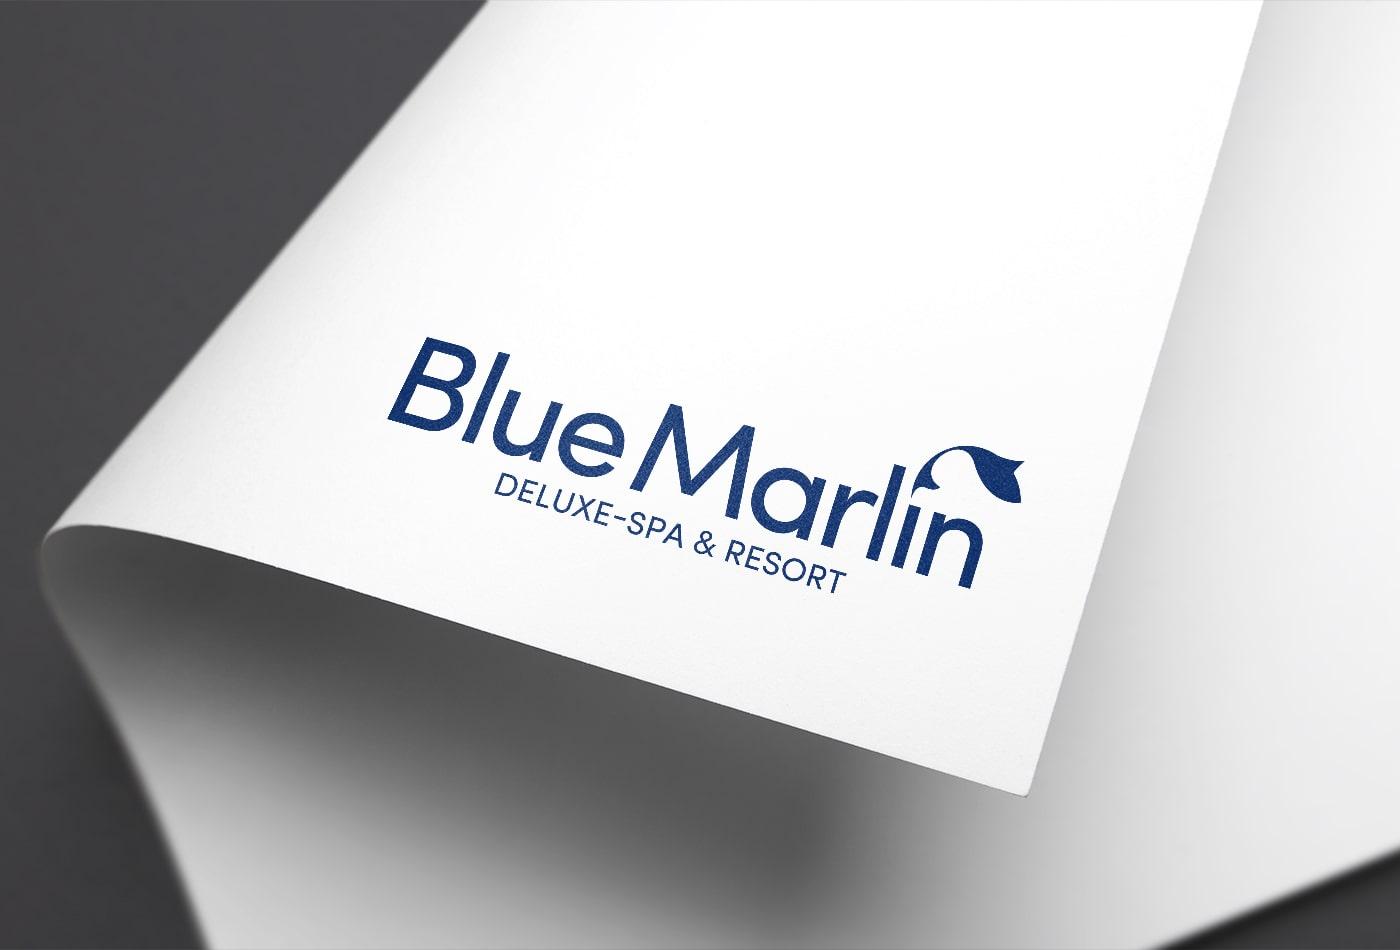 wildefreunde-kunde-bluemarlin-logo-1400x950-min